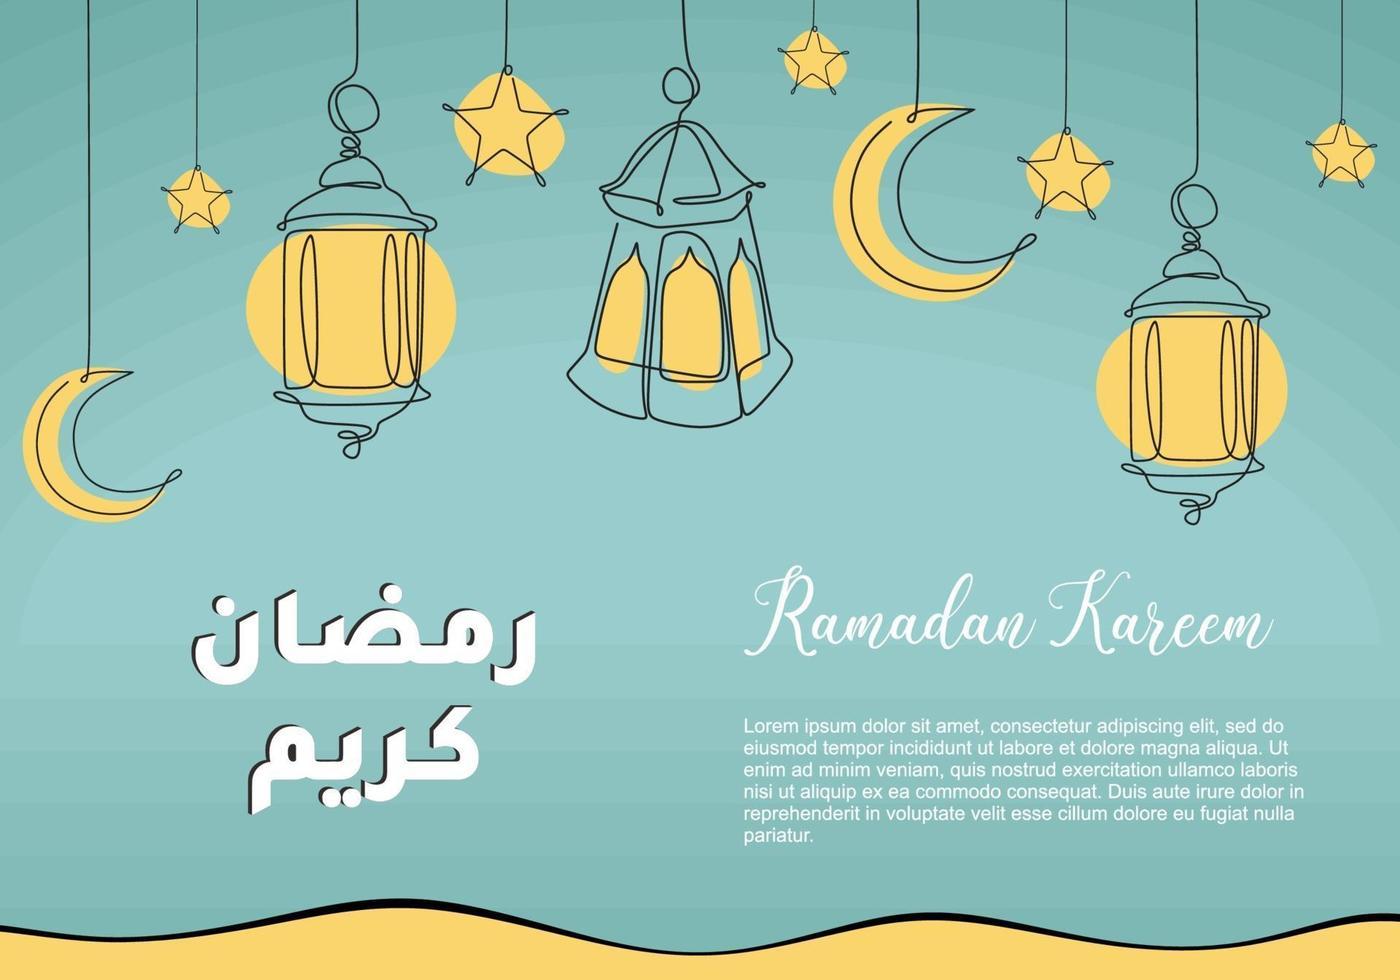 lanterna ramadan desenho de linha contínua decorativo para design de cartão. projeto de celebração islâmica islâmica. caligrafia árabe significa ramadã holly vetor